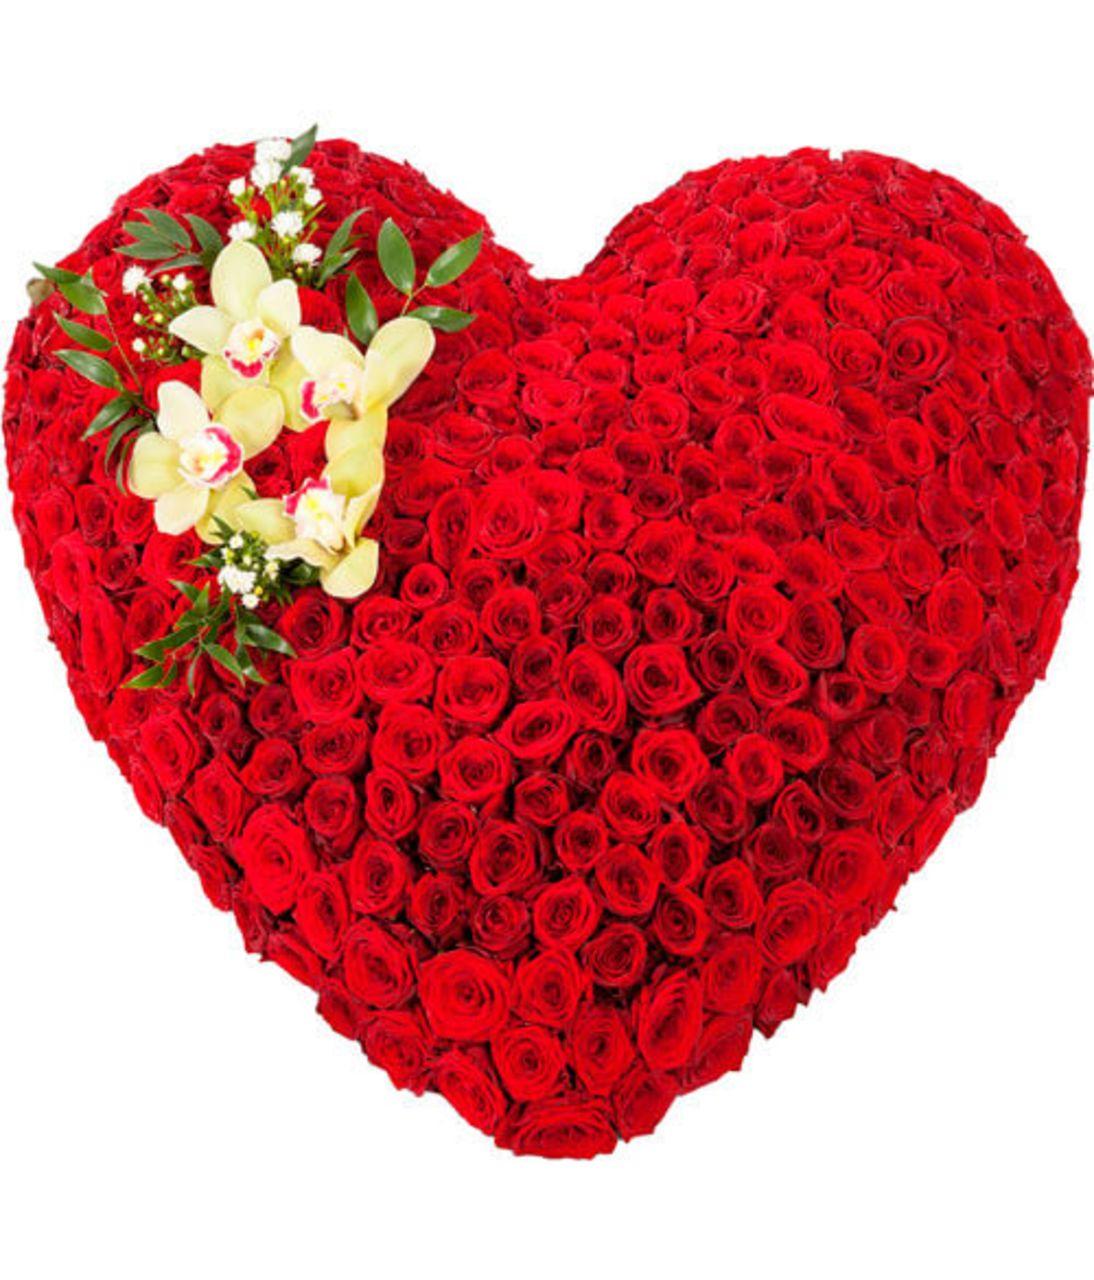 Сердце из 301 розы. Superflowers.com.ua